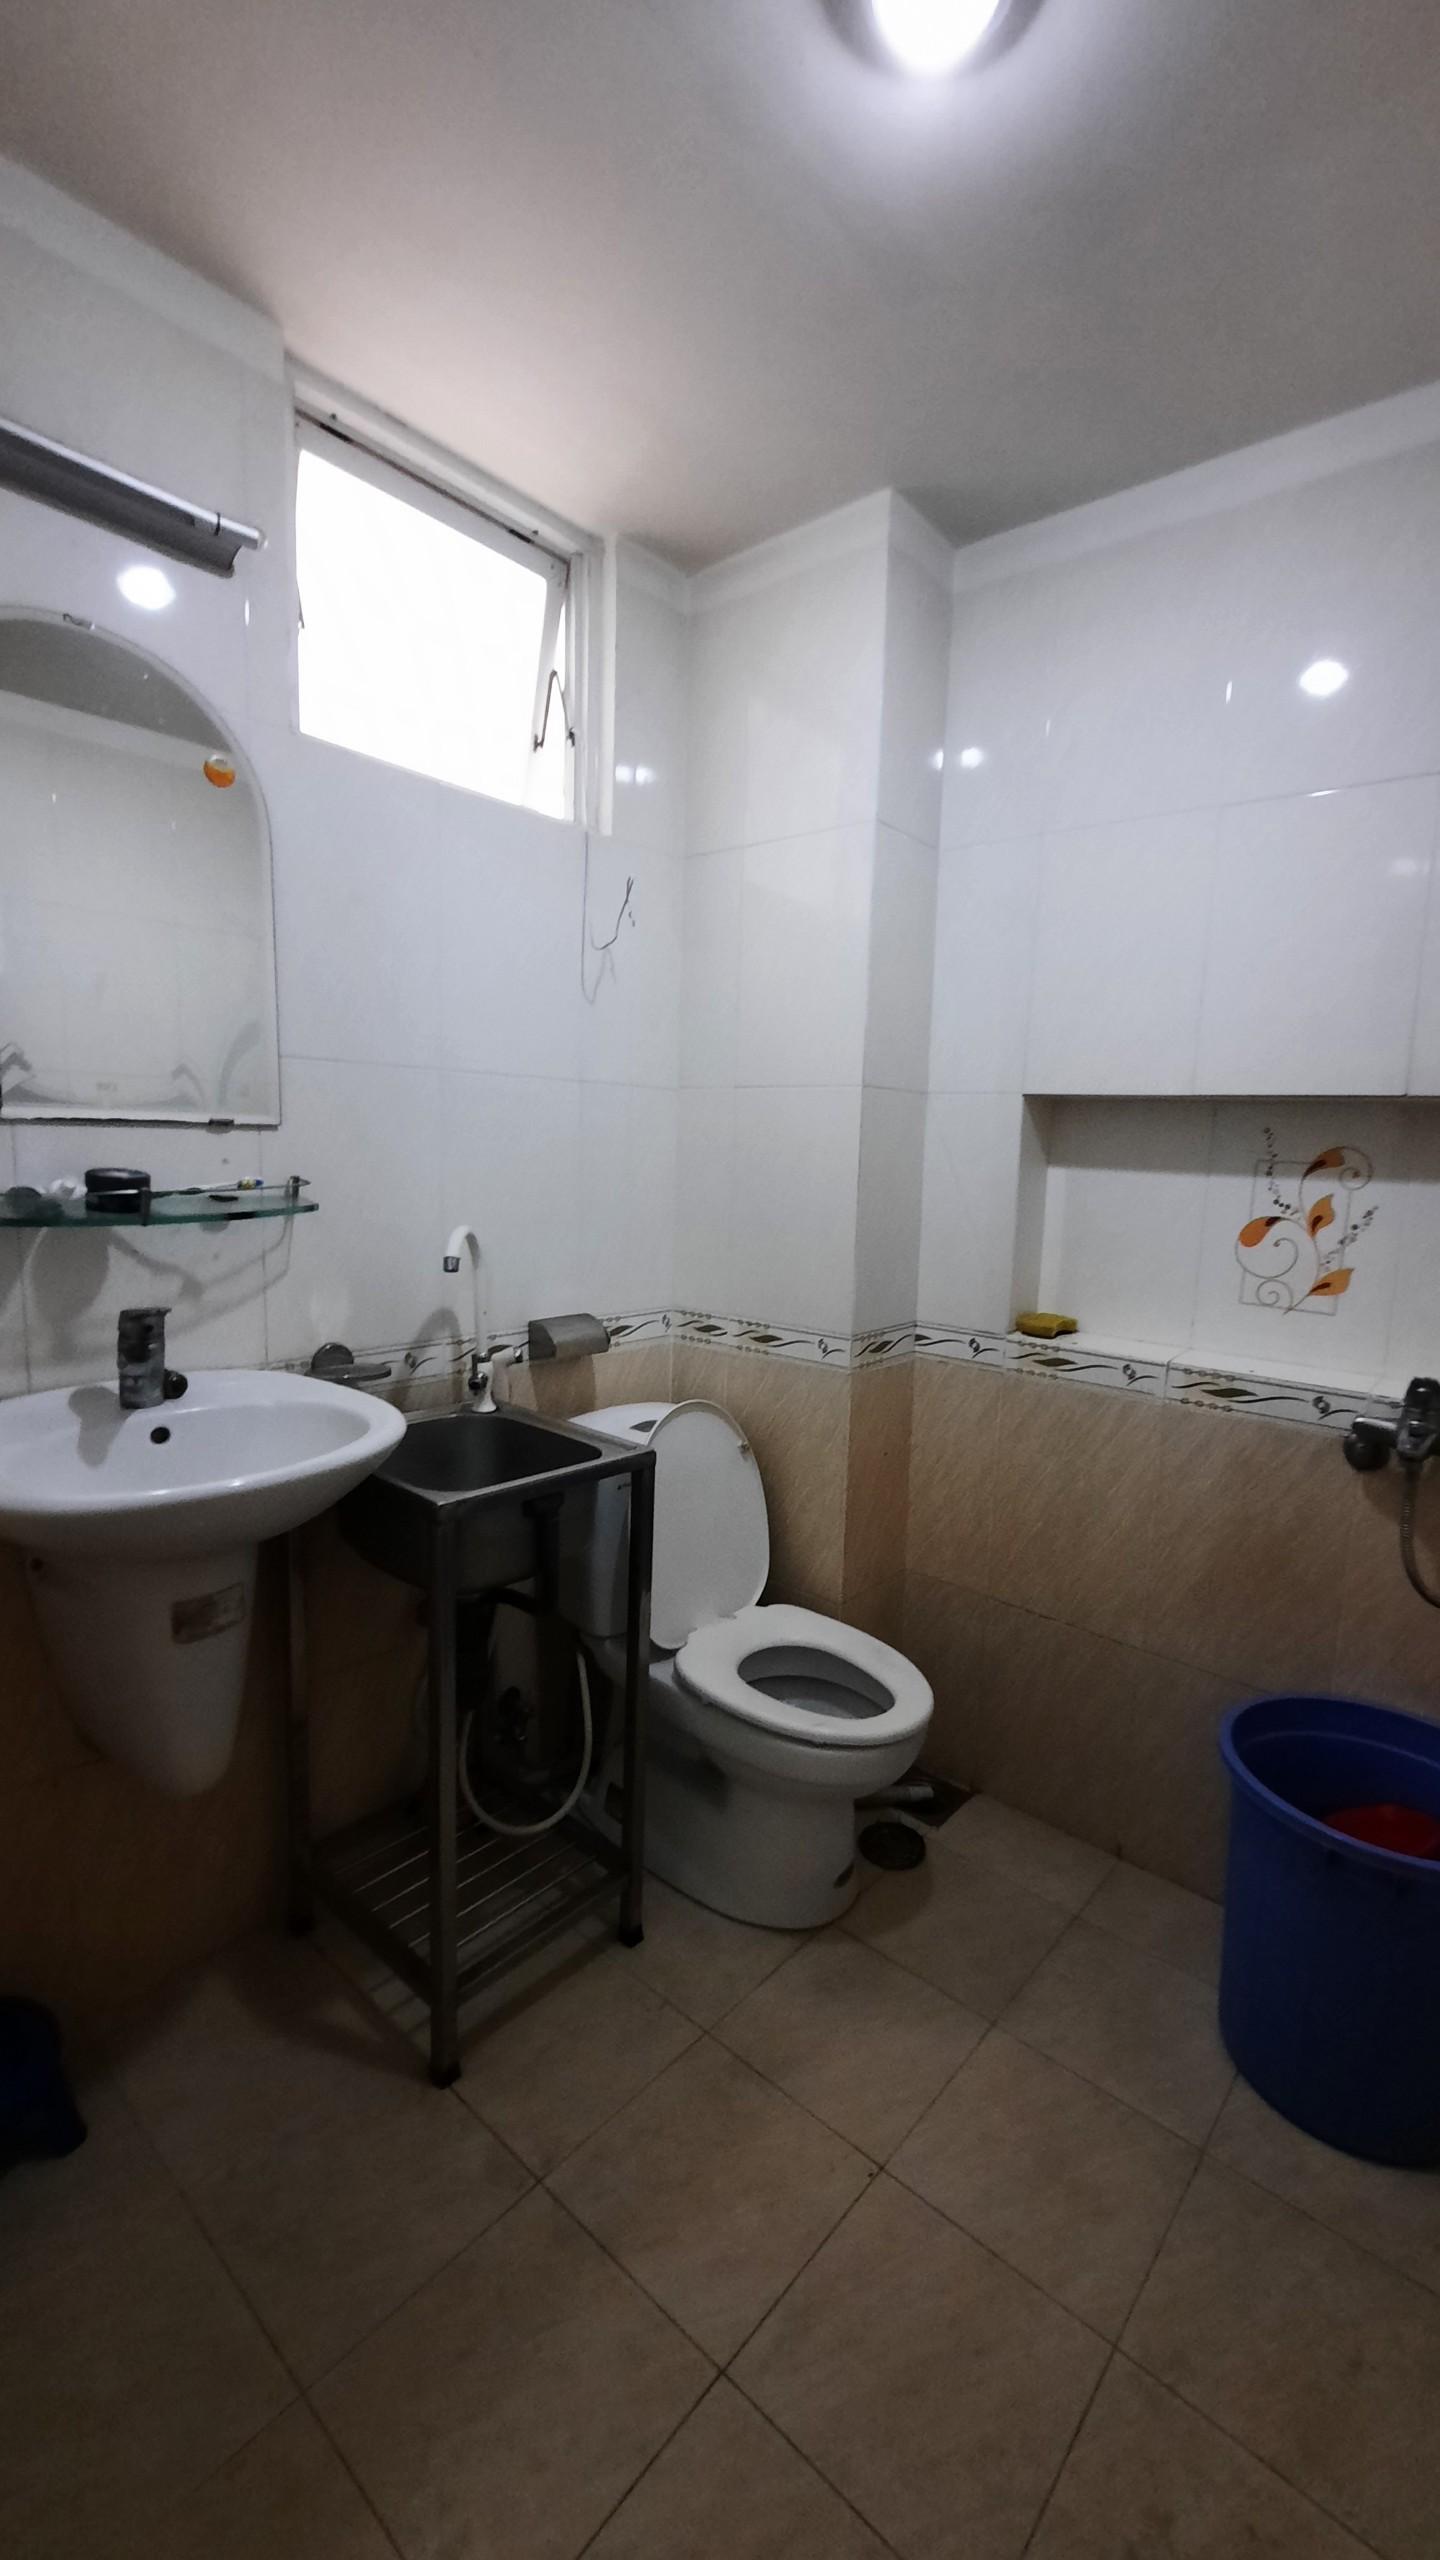 Cho thuê phòng khu Trung Sơn, Him Lam 6A, sau lưng Sài Gòn Mia, giá từ 3 triệu